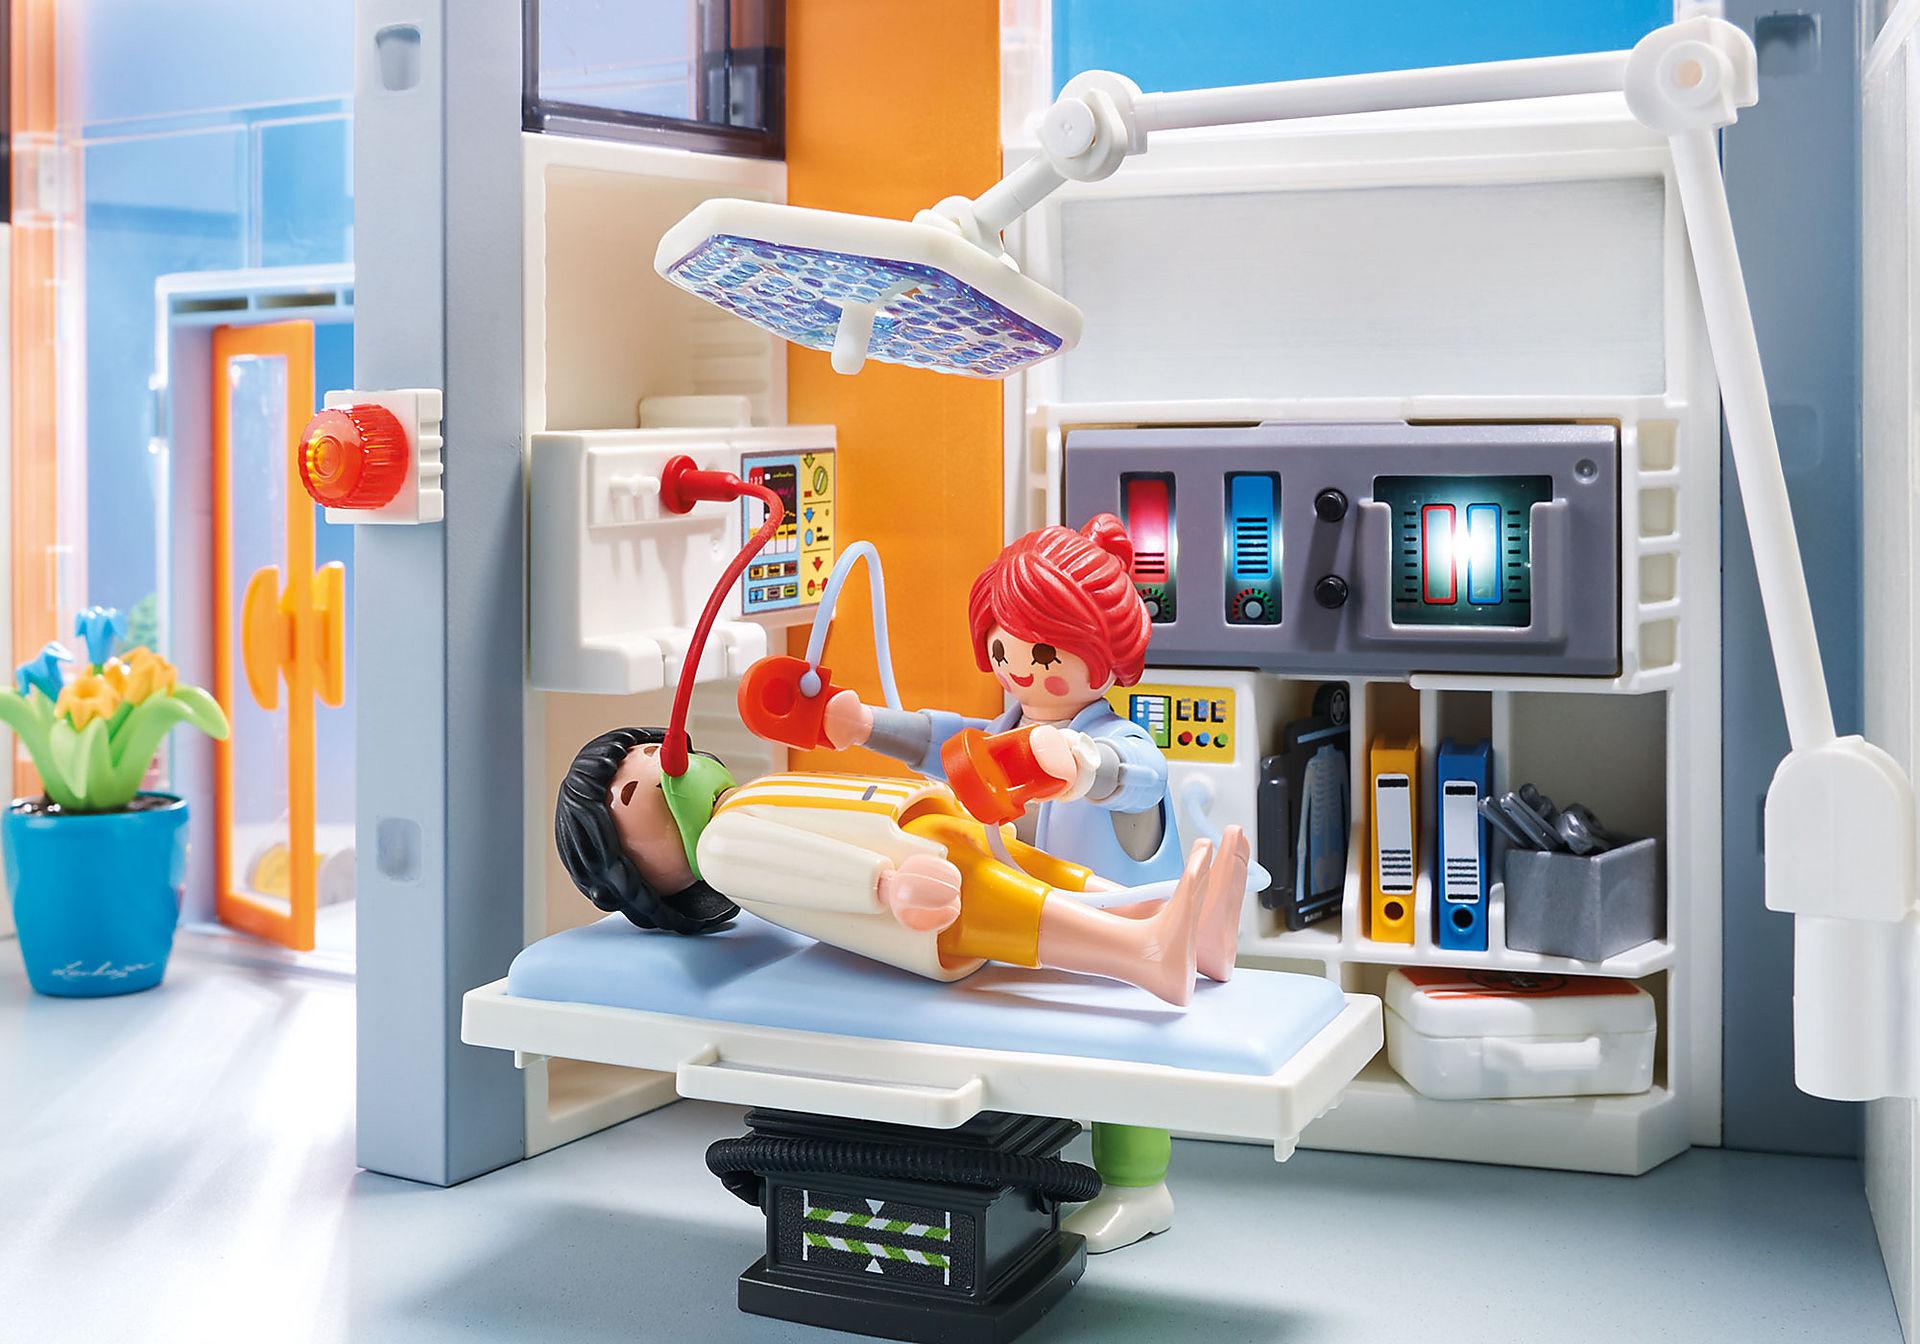 70190 Hôpital aménagé zoom image4